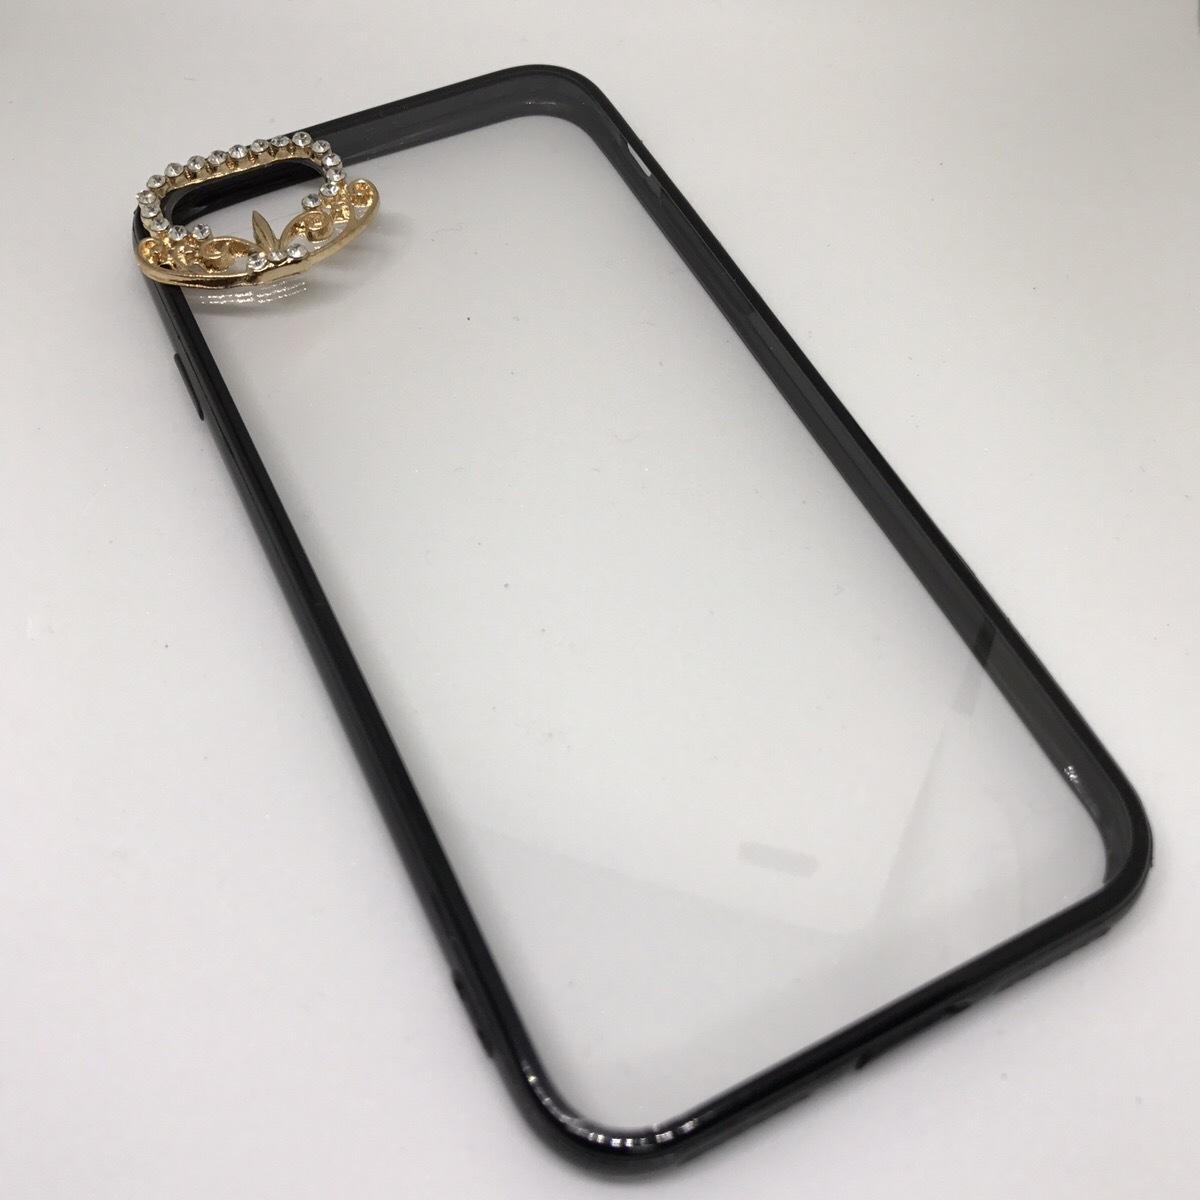 【送料無料】クリアケースにワンポイントジュエリー iPhoneケース